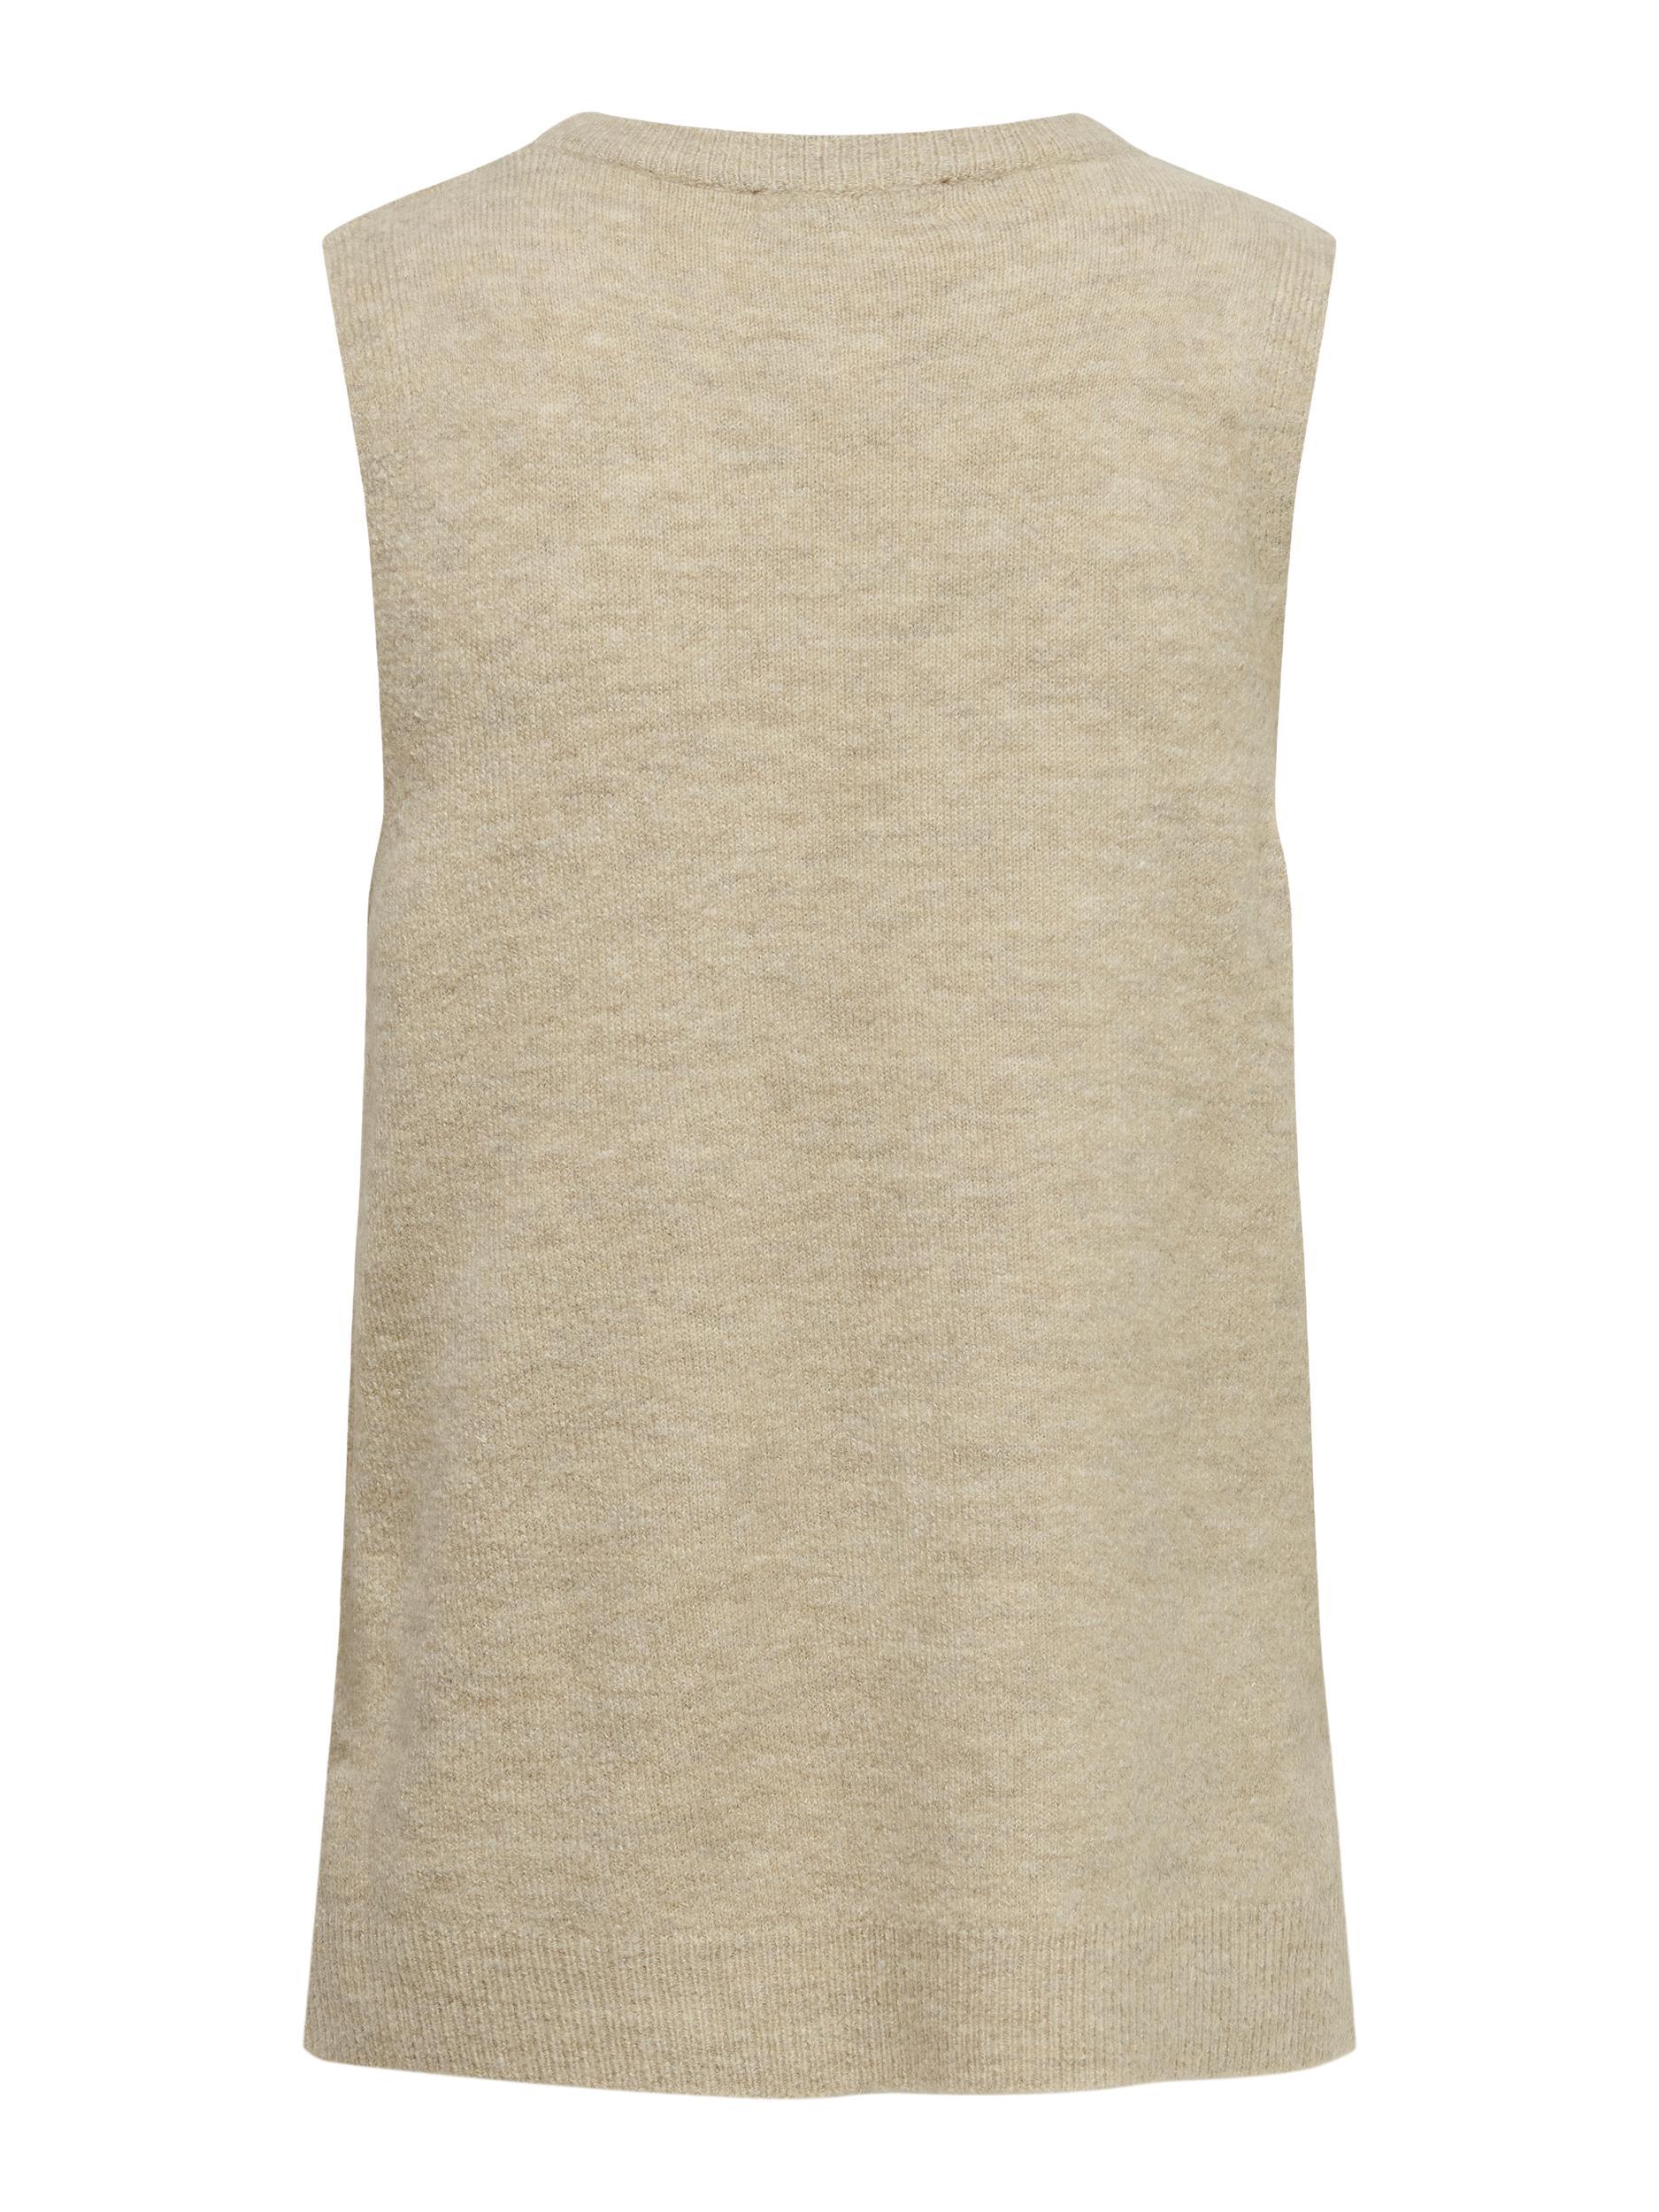 Jacqueline de Yong Elanor vest, oatmeal, large